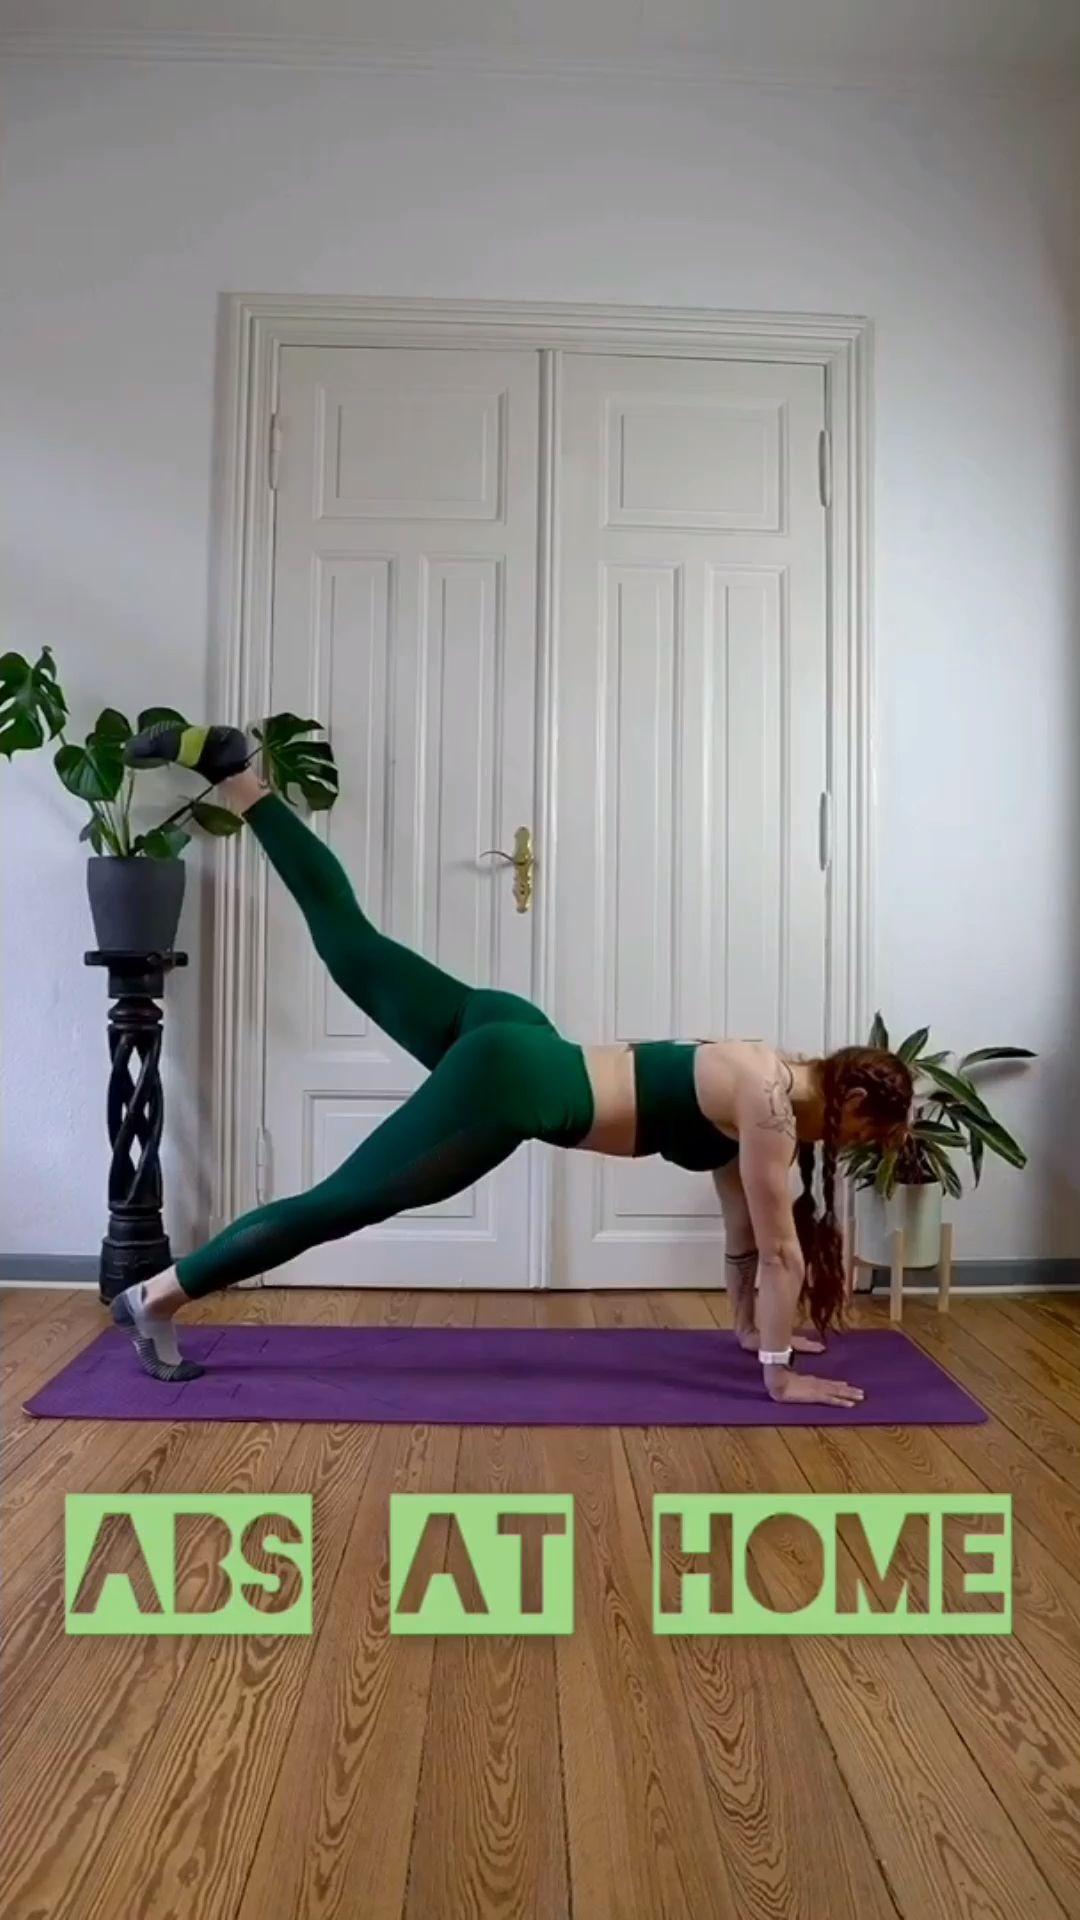 Bauchtraining zuhause - 5 kreative Übungen für den Bauch